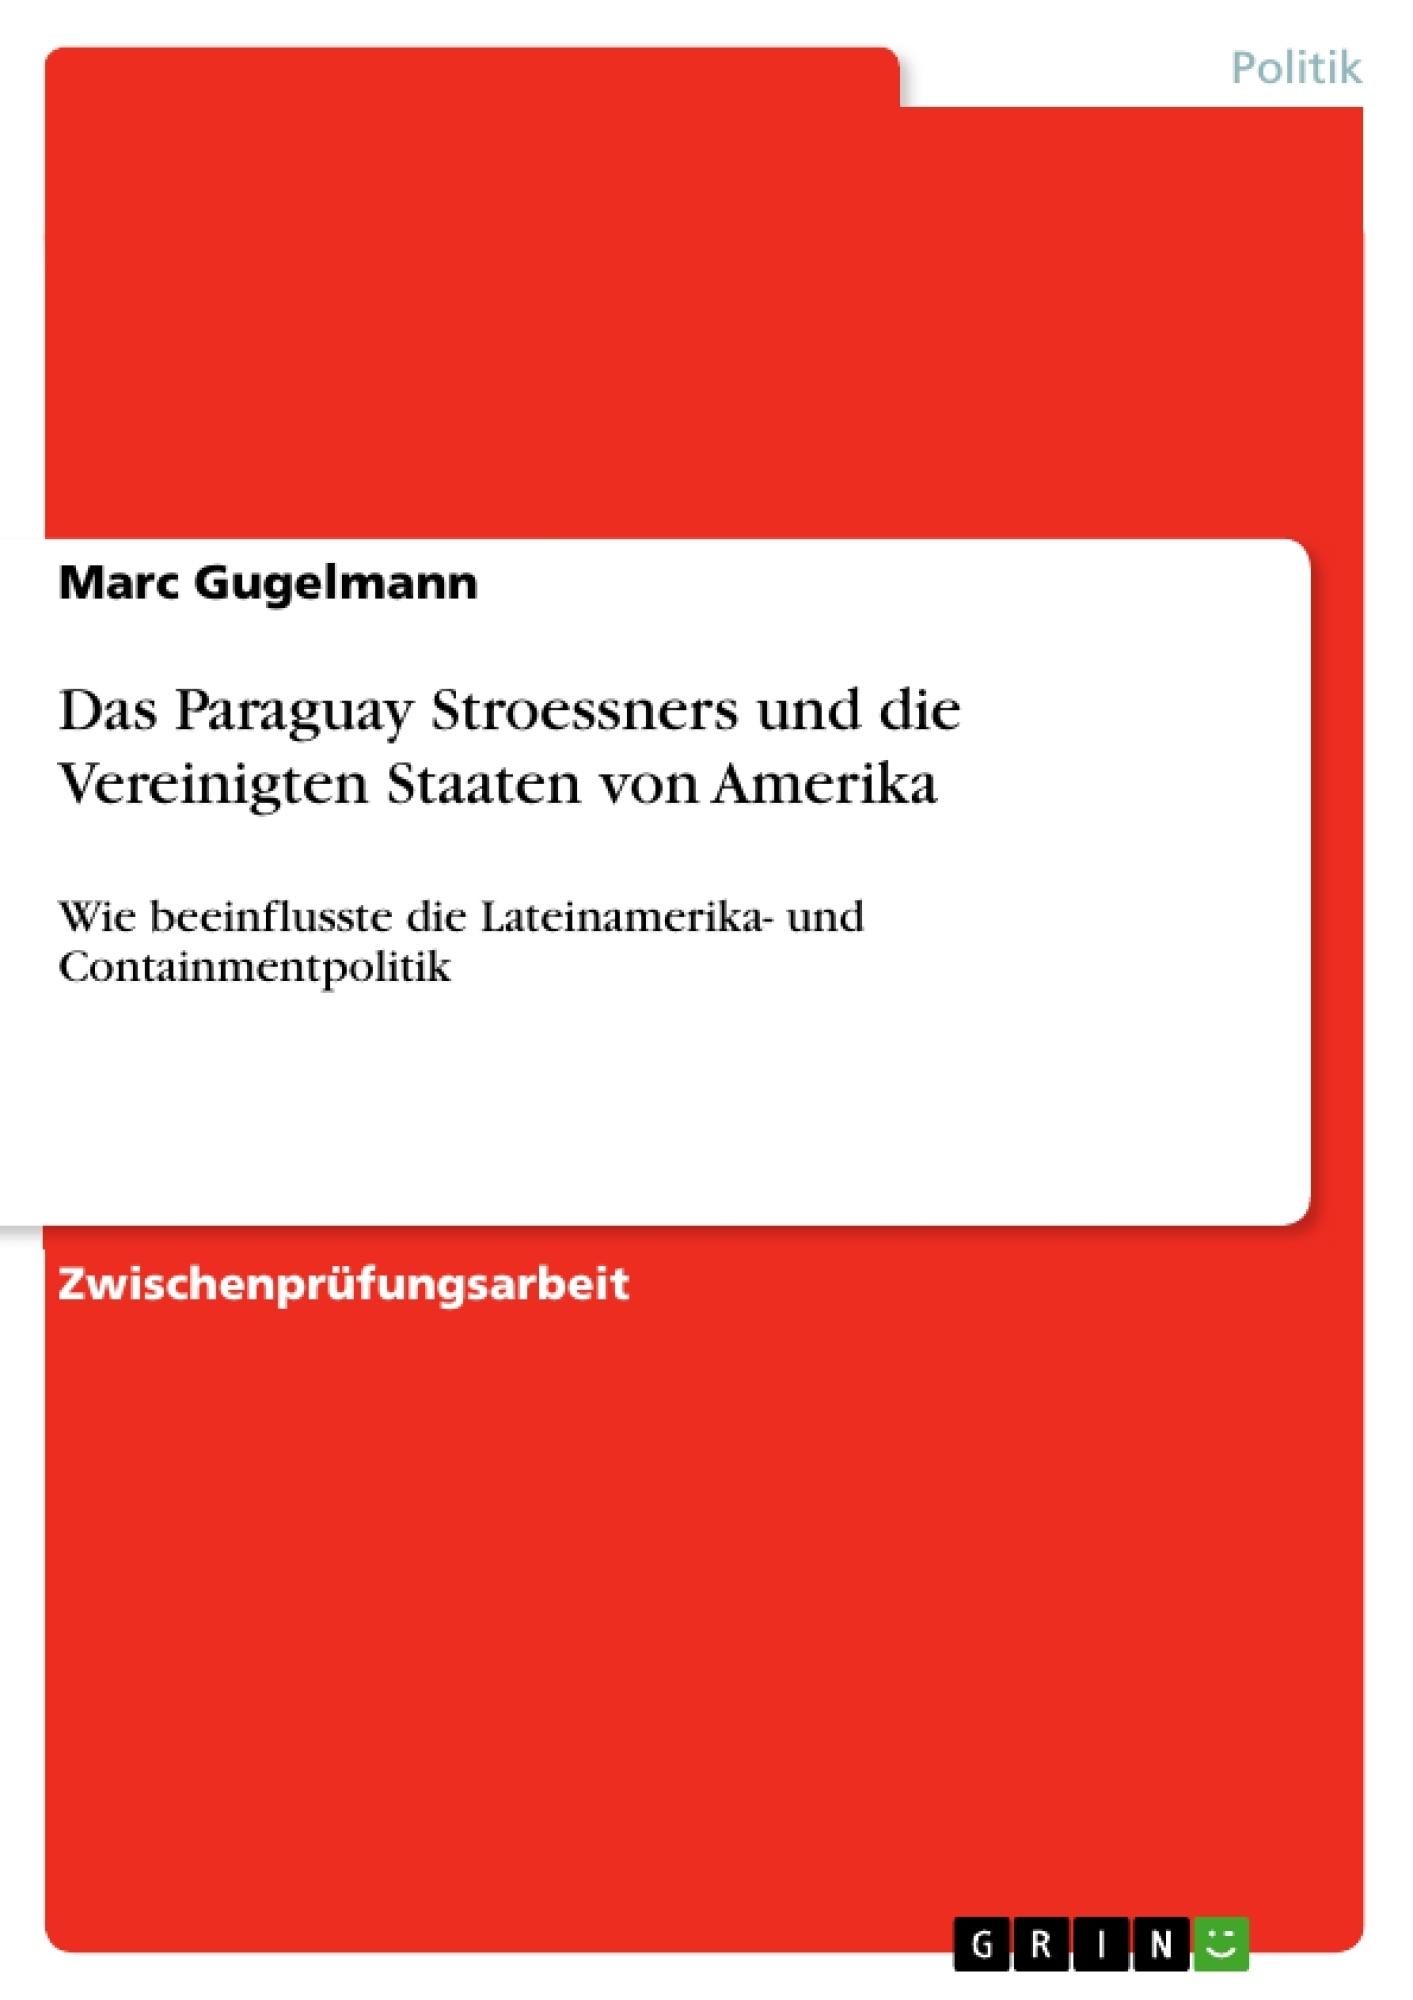 Titel: Das Paraguay Stroessners und die Vereinigten Staaten von Amerika